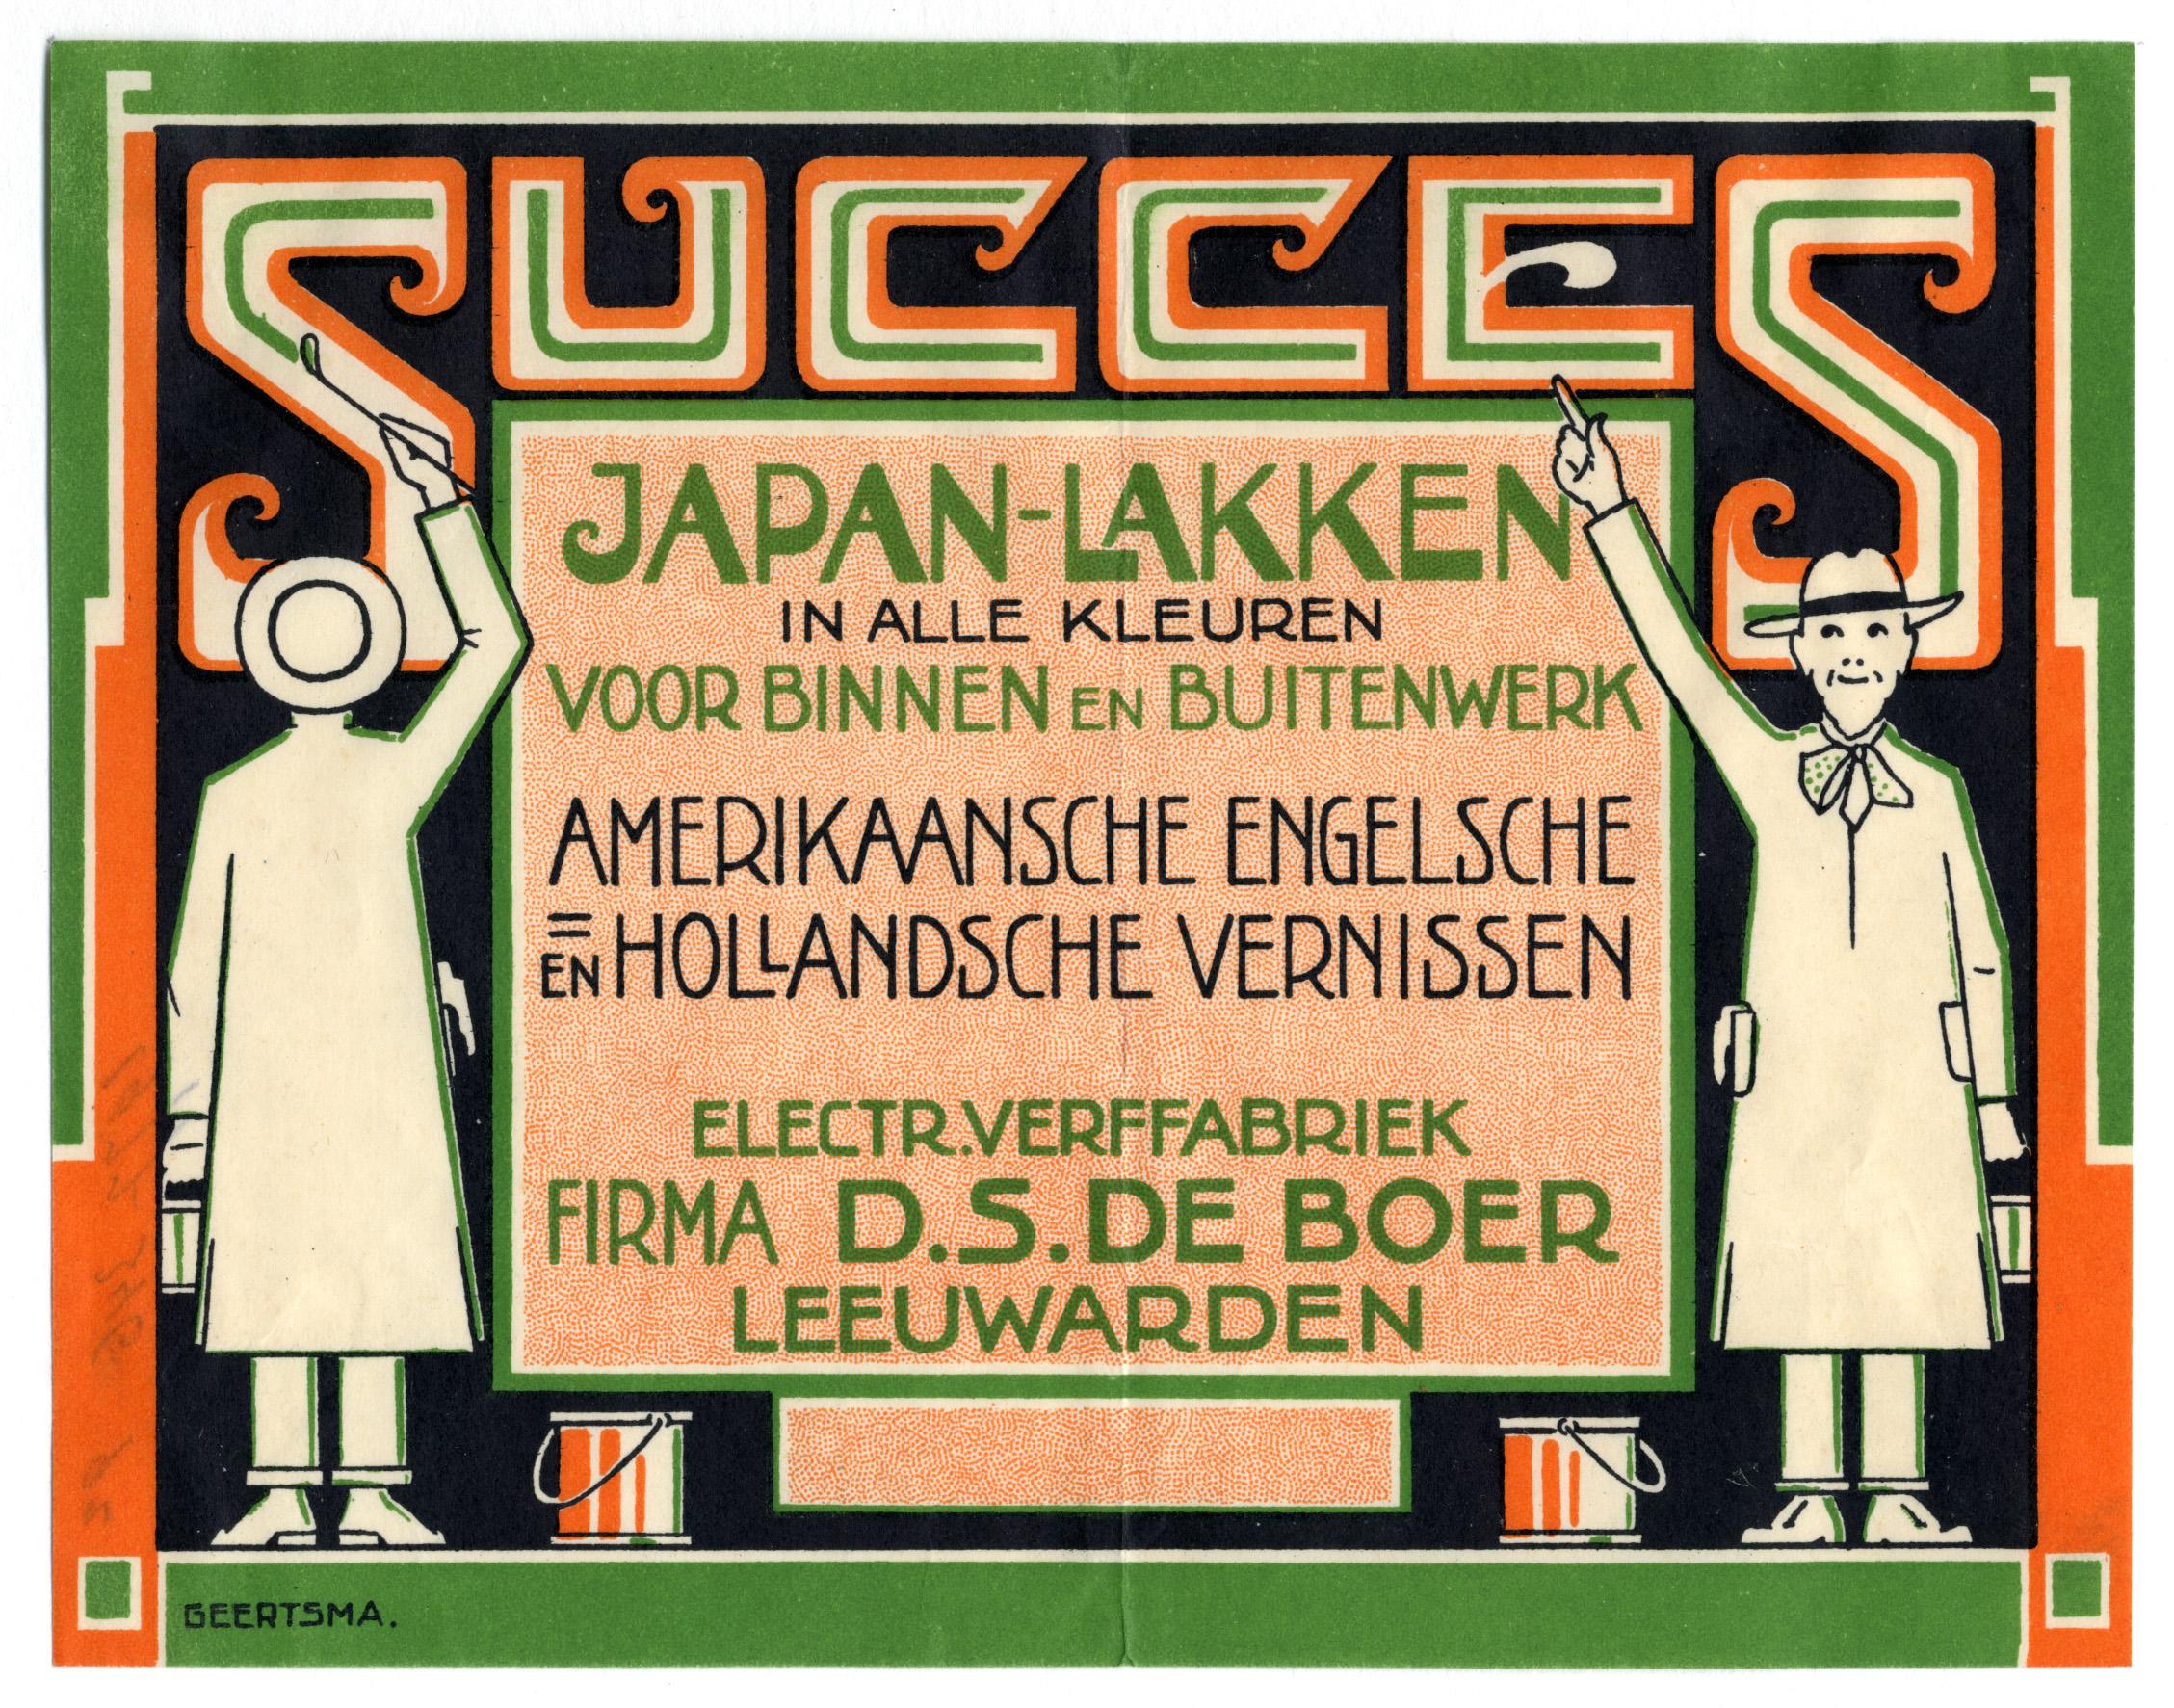 Succes Japan Lakken